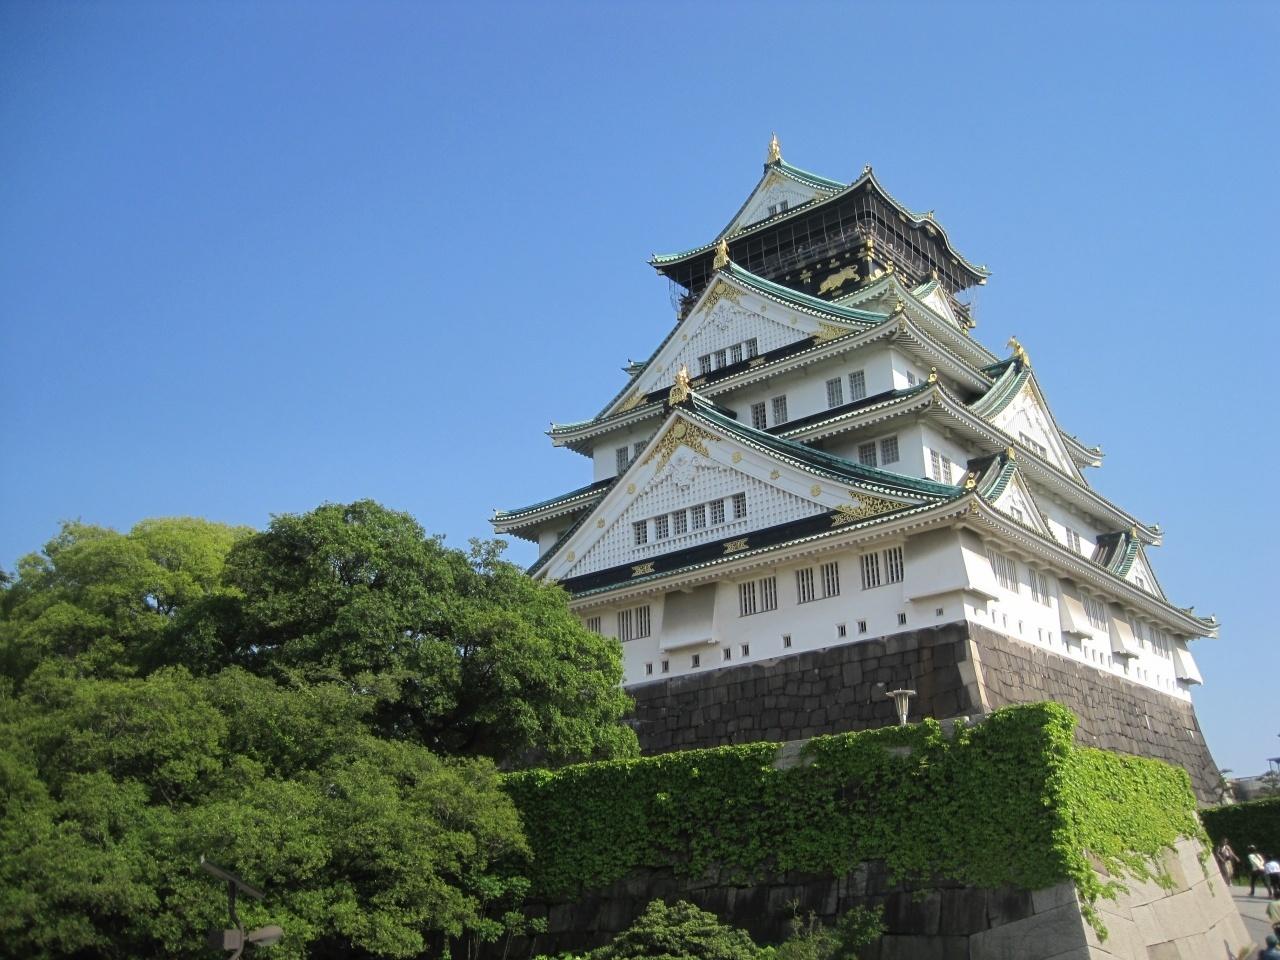 สถานที่ท่องเที่ยวที่่มีความสำคัญในประเทศญี่ปุ่น